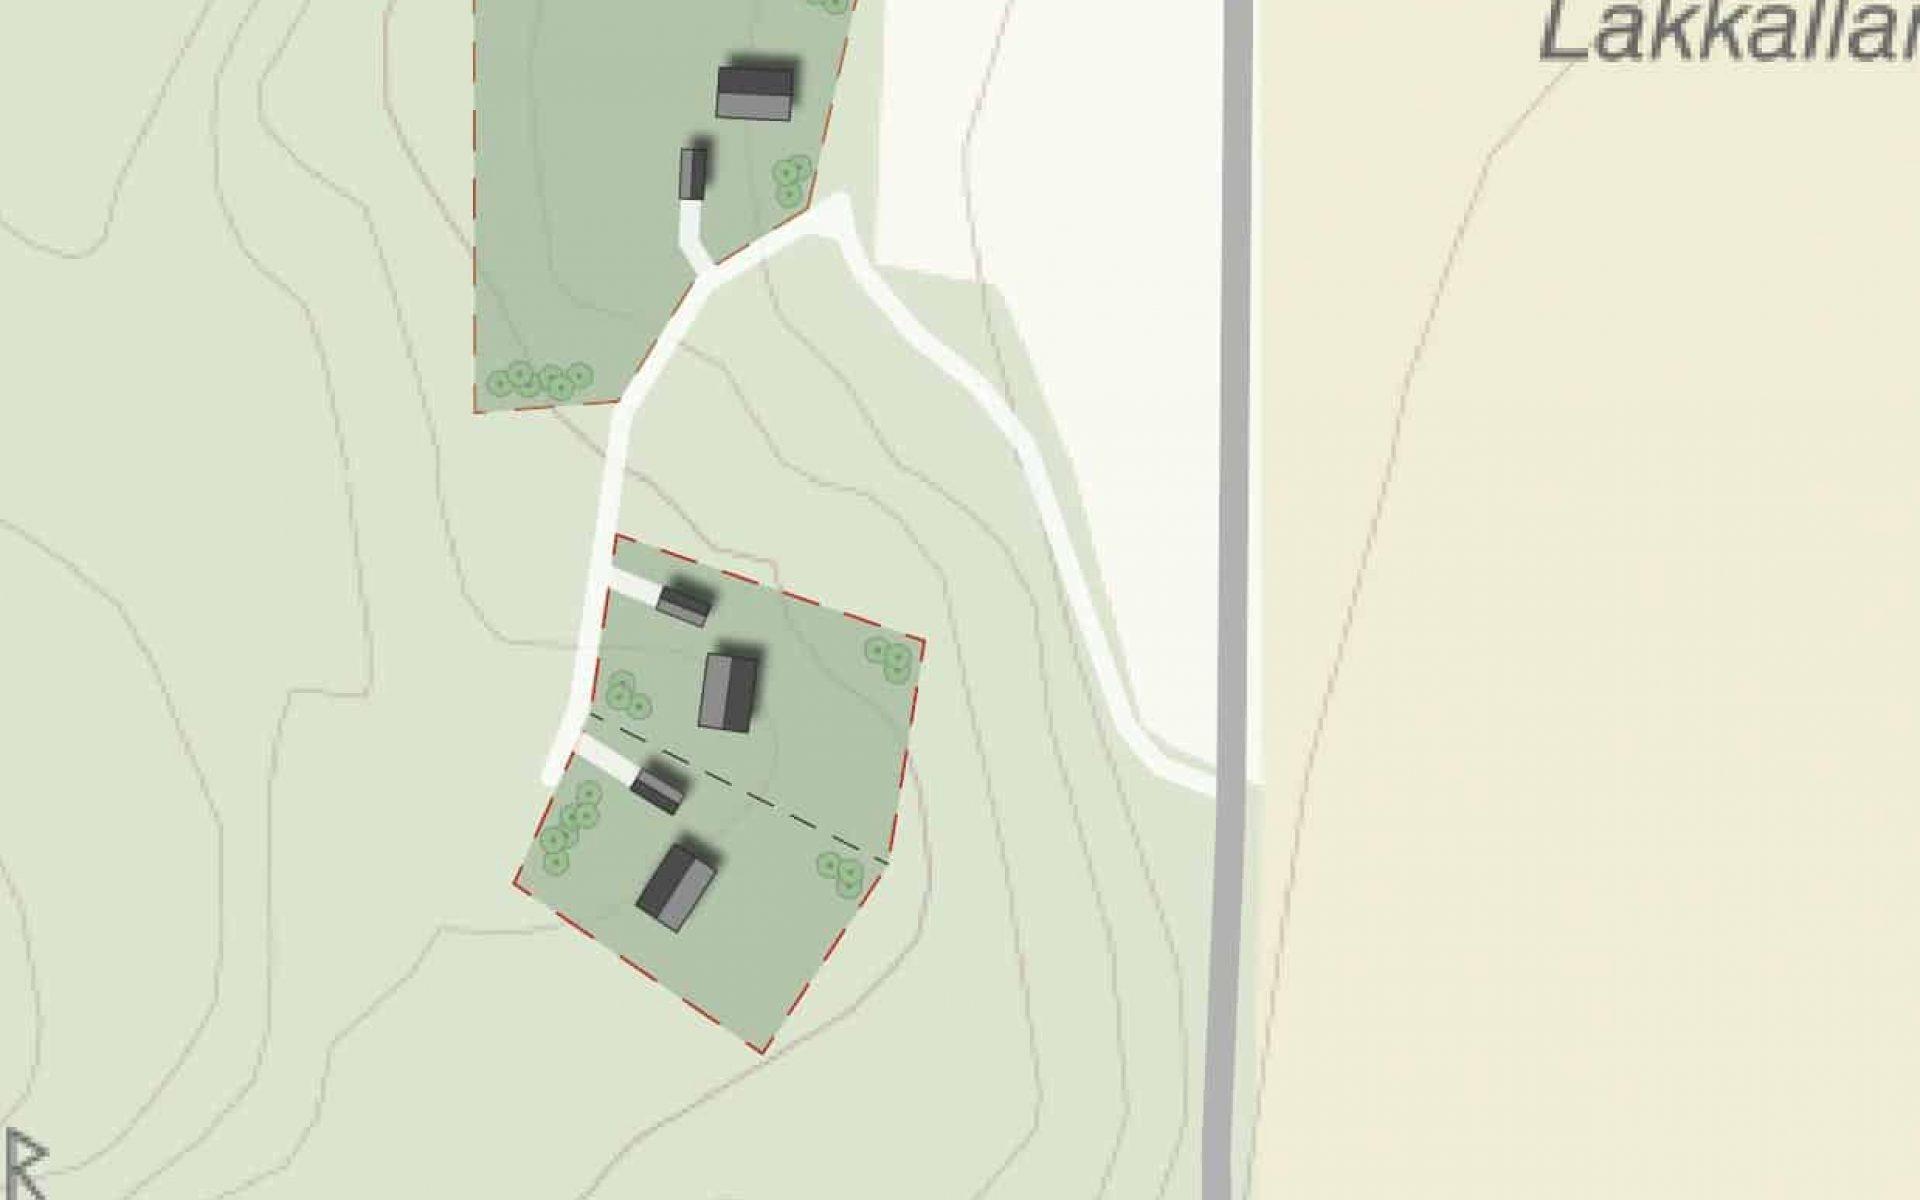 Lediga tomter Sigtuna Bärmö kulle